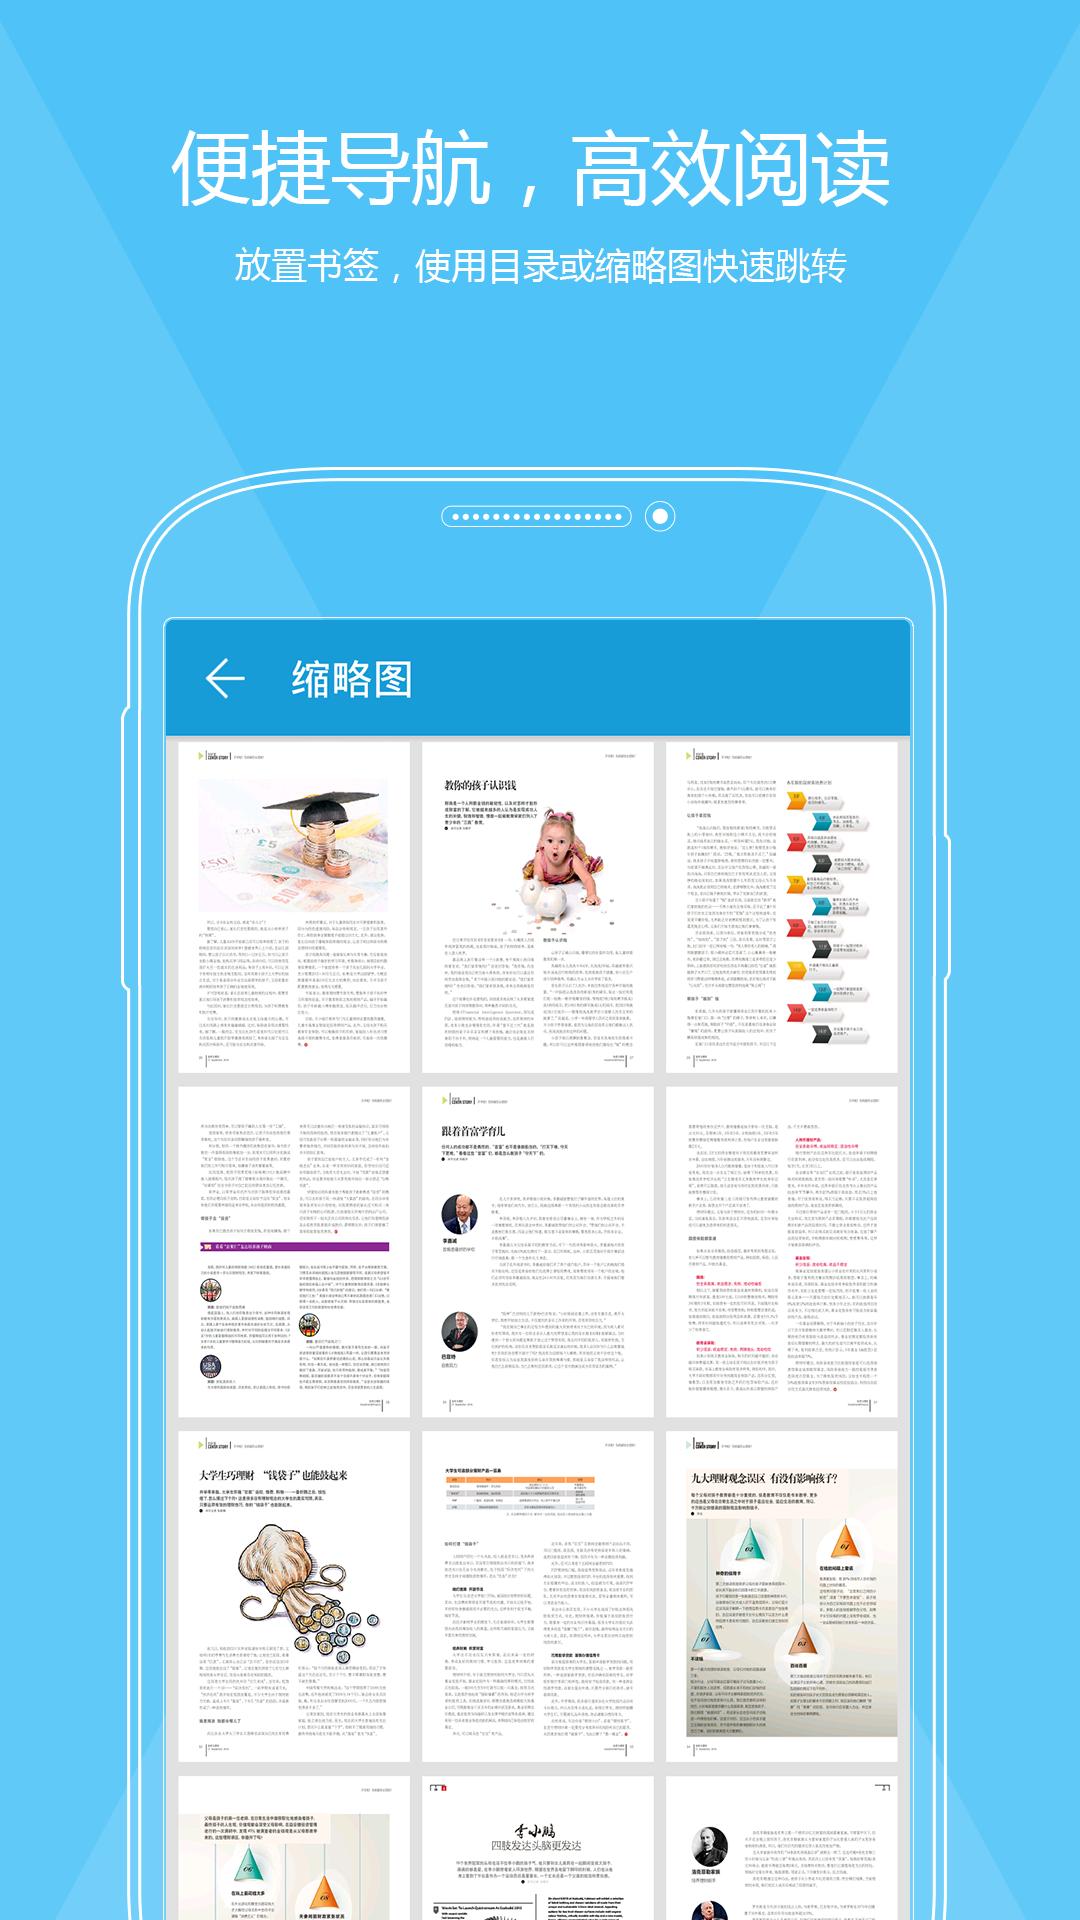 福昕PDF阅读器 V6.8.0208 安卓版截图2